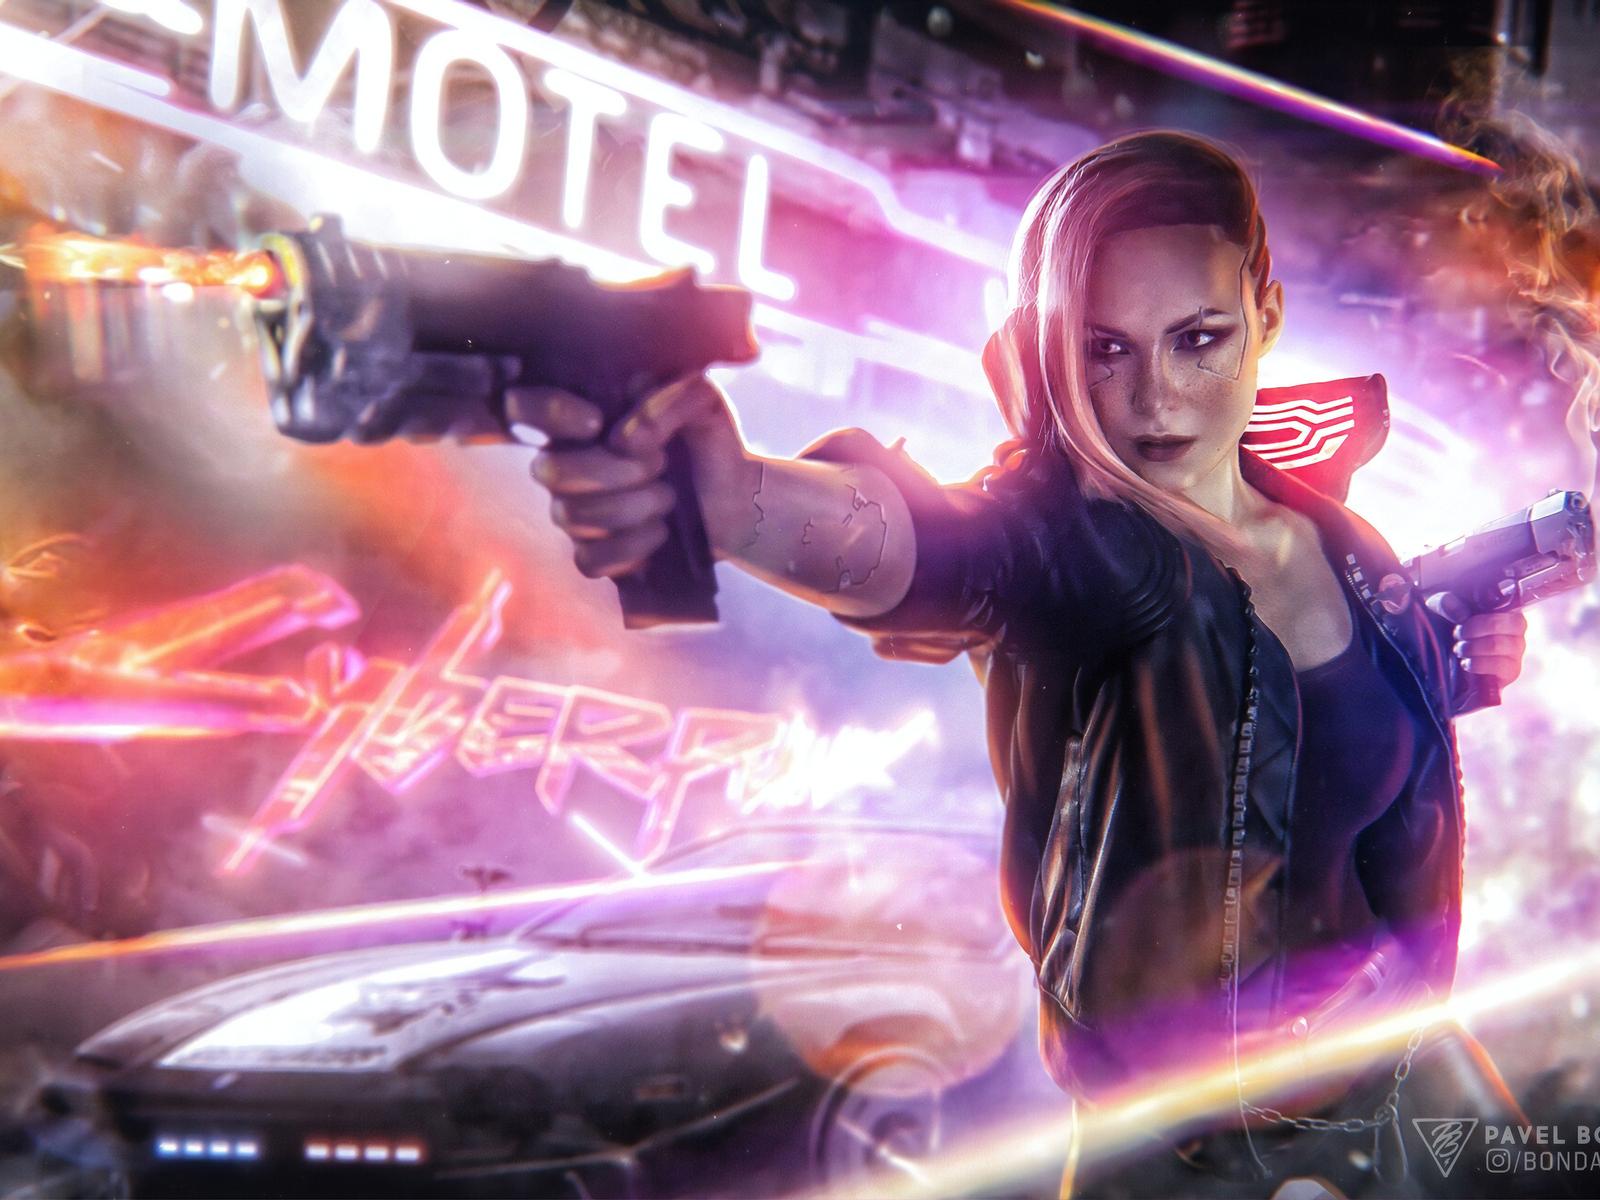 cyberpunk-2077-game-artwork-4k-6t.jpg